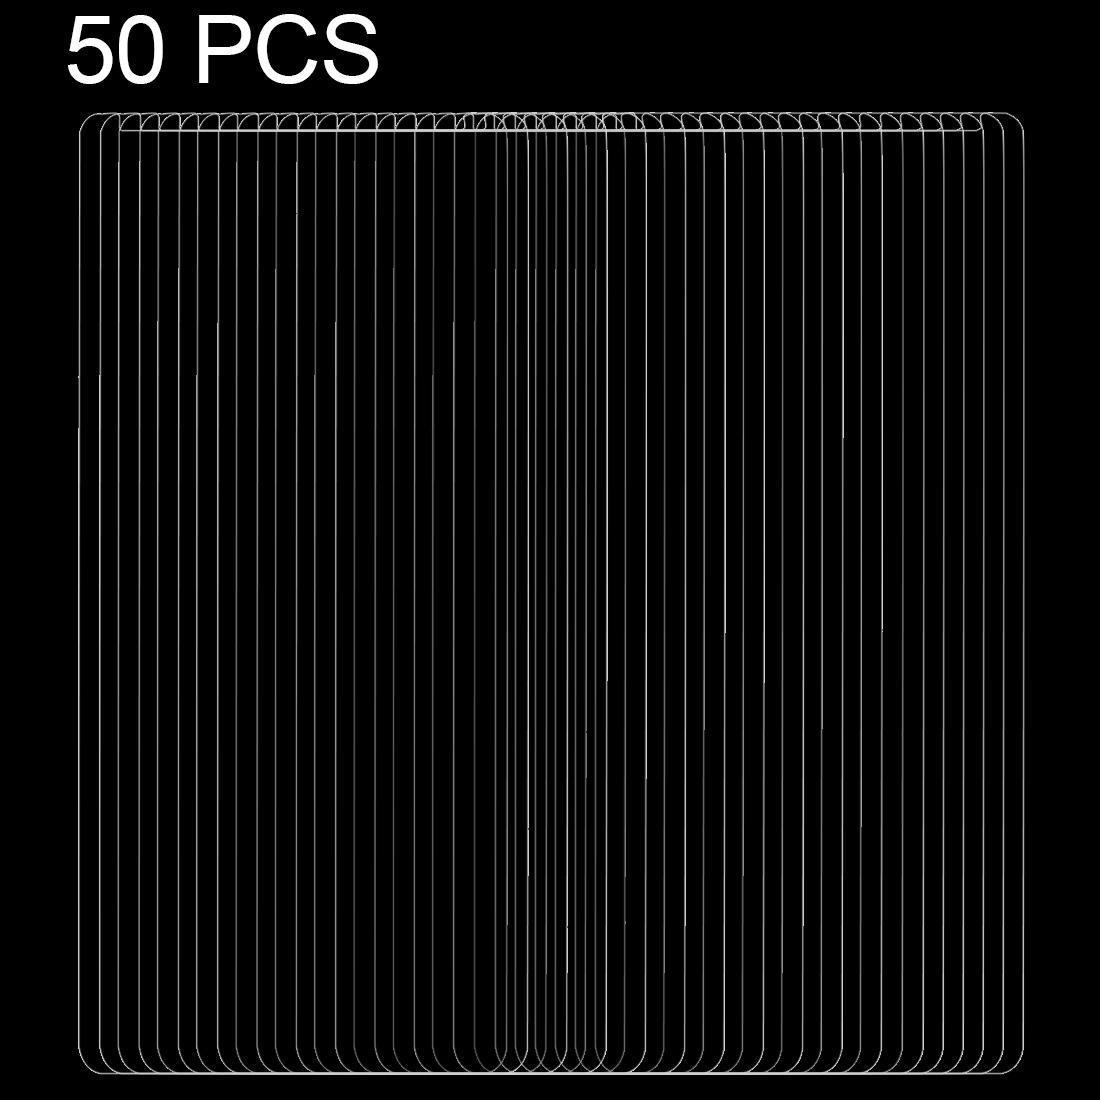 50 PCS pour Galaxy S9 + 0.26mm 9H Surface dureté 2.5D bord incurvé non-plein écran en verre trempé avant Protecteur d'écran